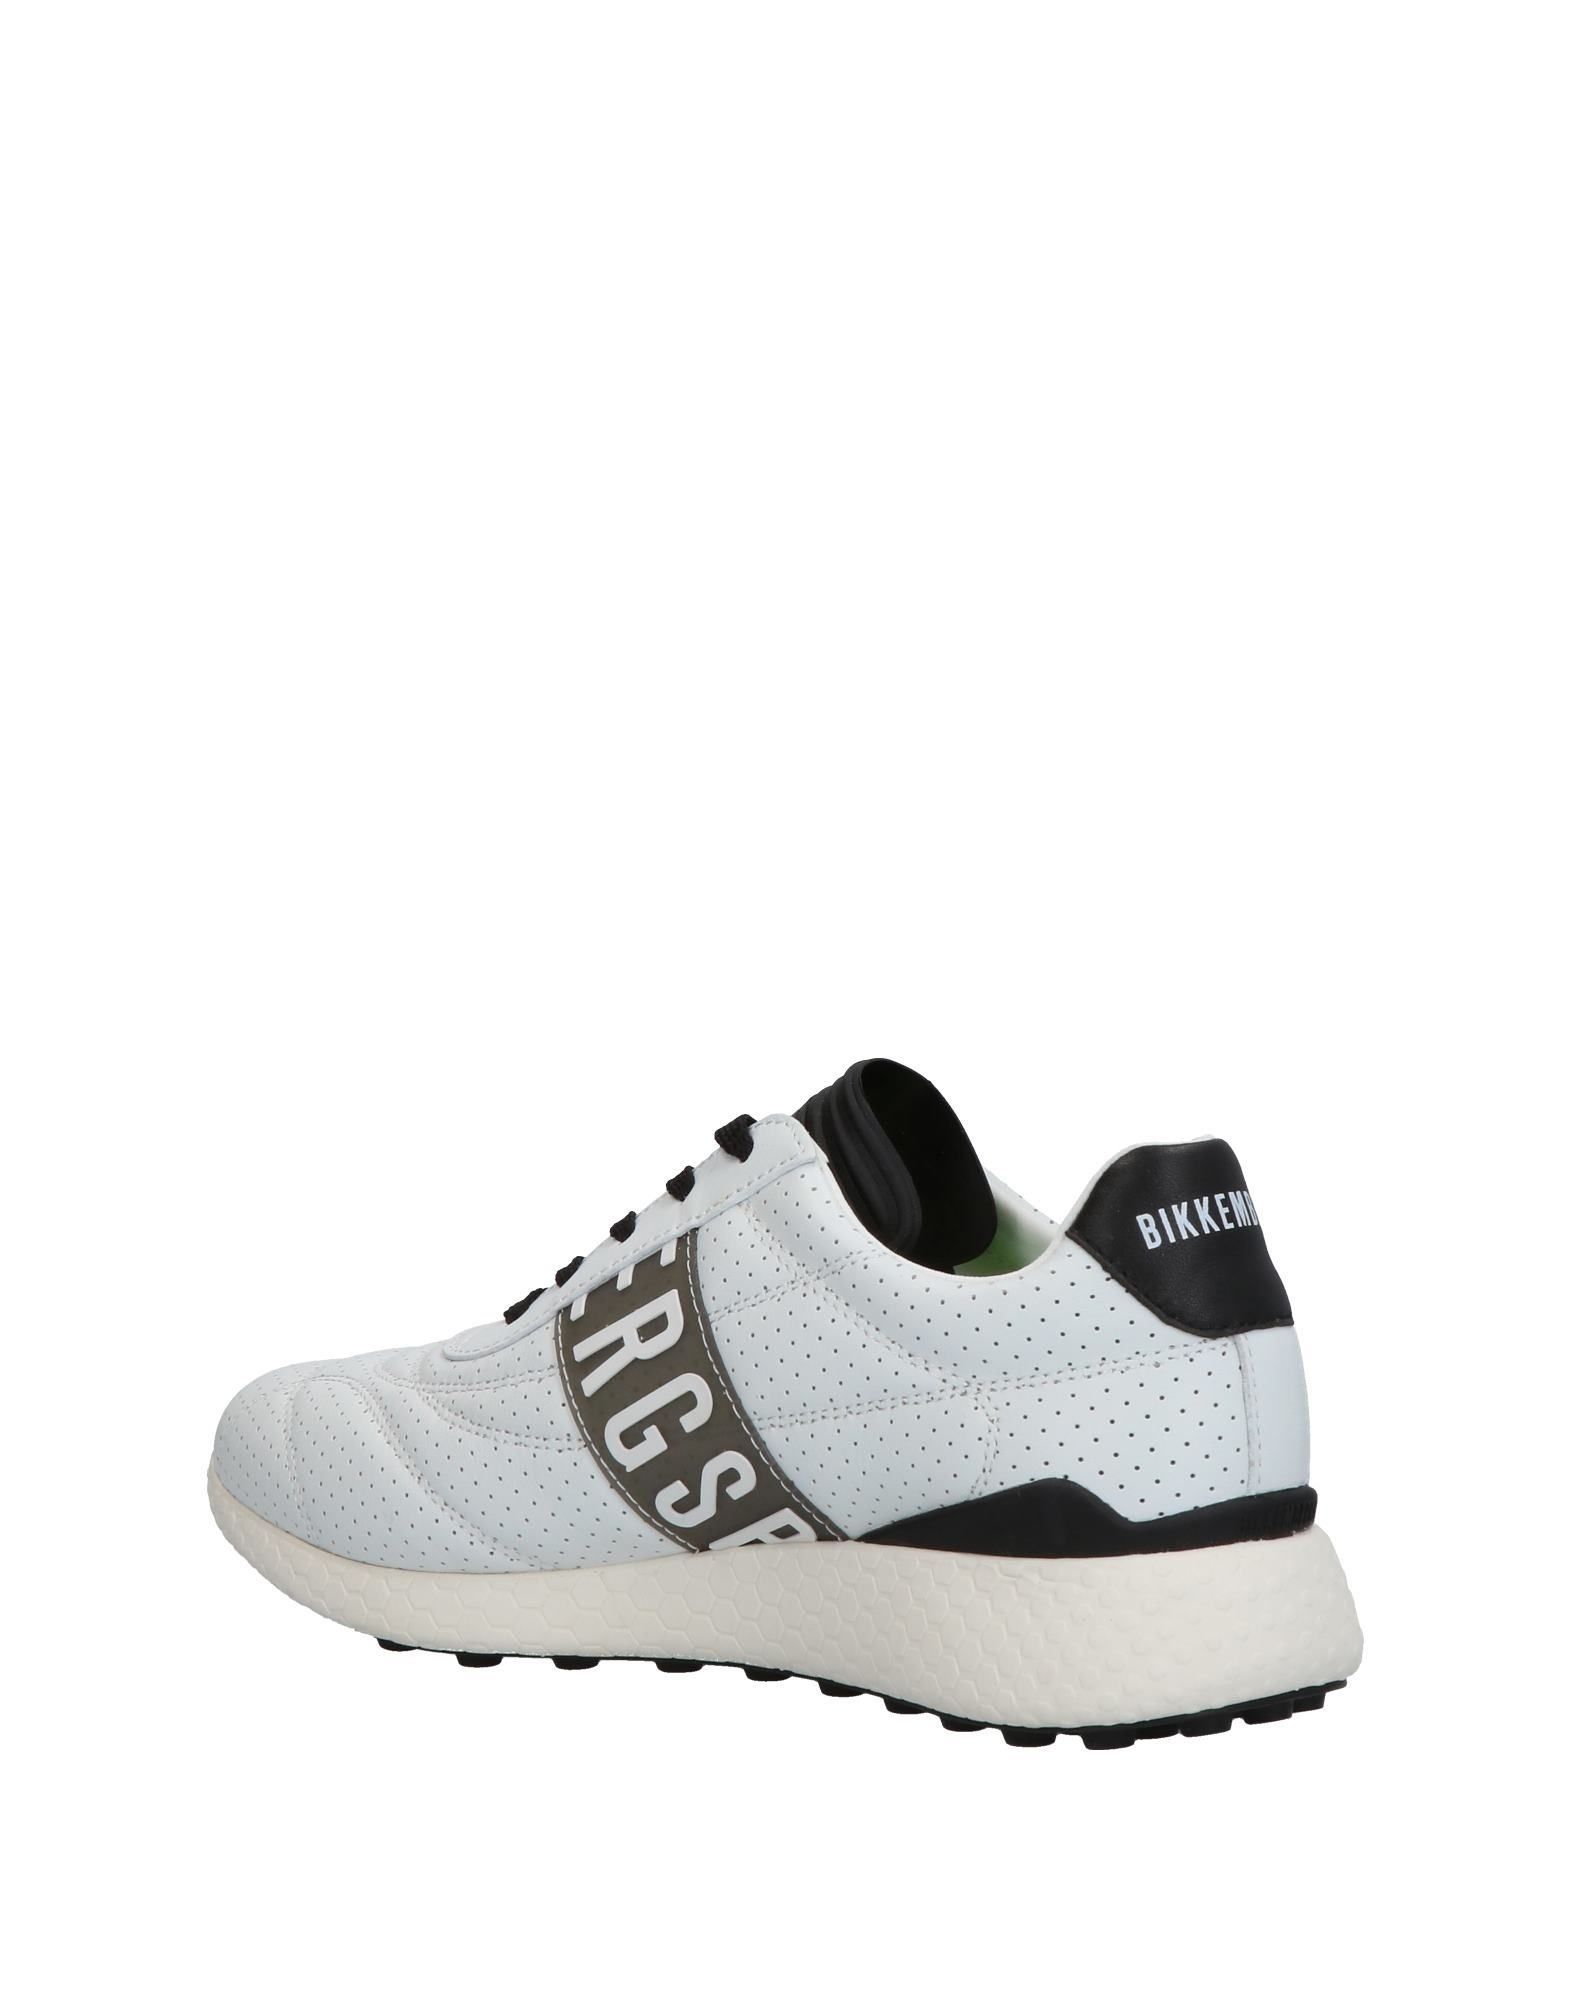 Rabatt Herren echte Schuhe Bikkembergs Sneakers Herren Rabatt  11332007QB c2a53a